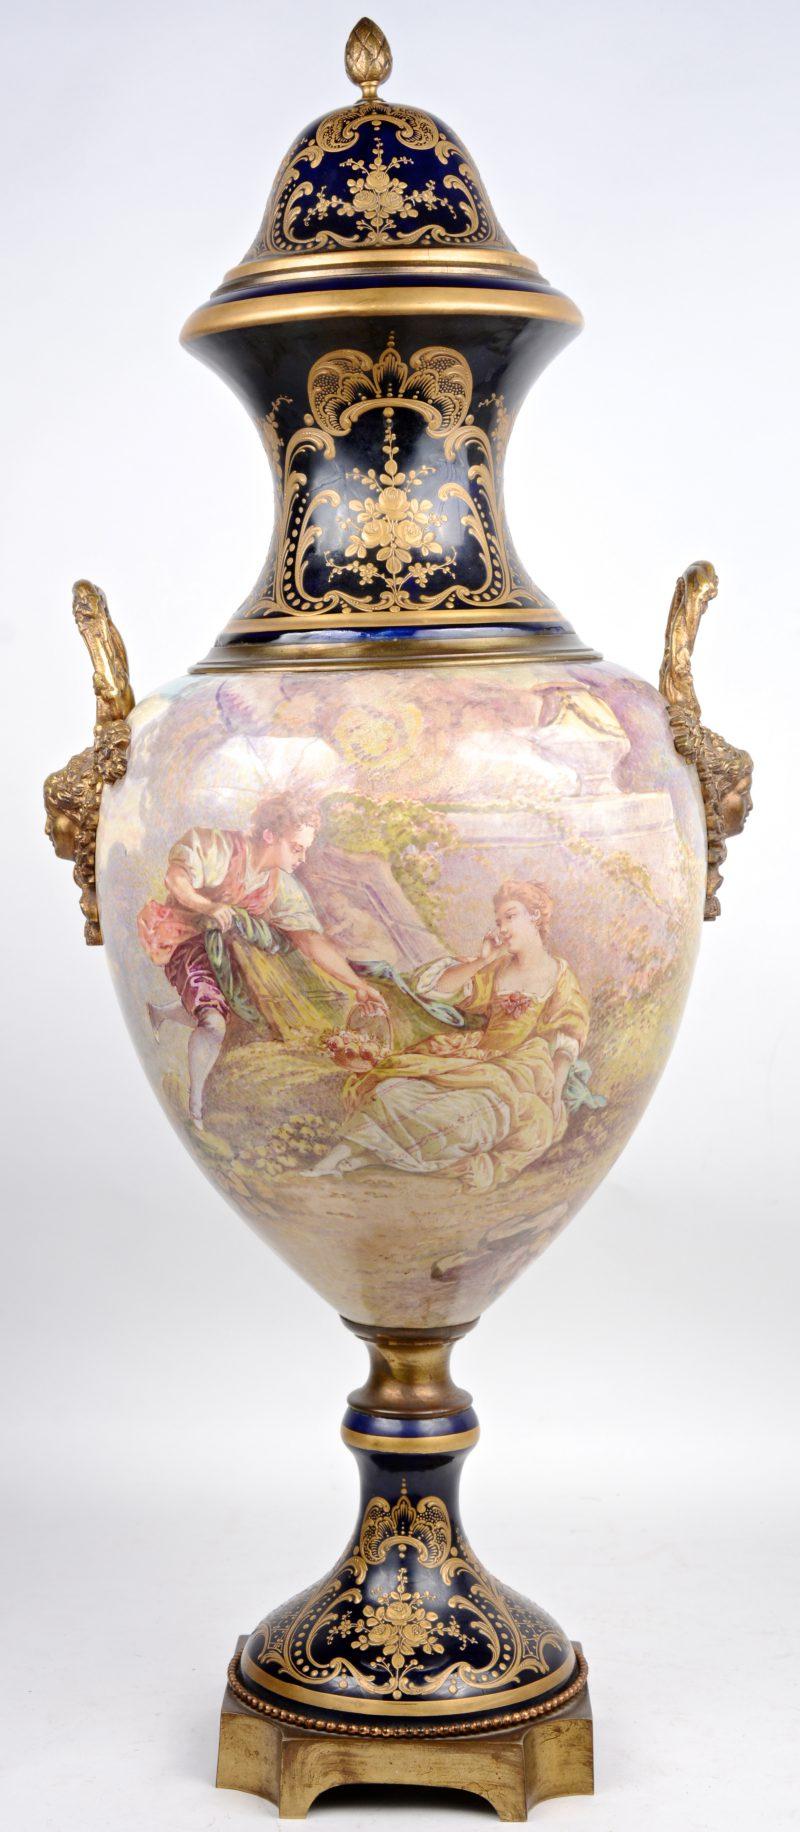 Een vaas van kobaltblauw aardewerk, versierd met een handgeschilderd meerkleurig decor en met bronsbeslag. In de stijl van het Sèvresporselein.